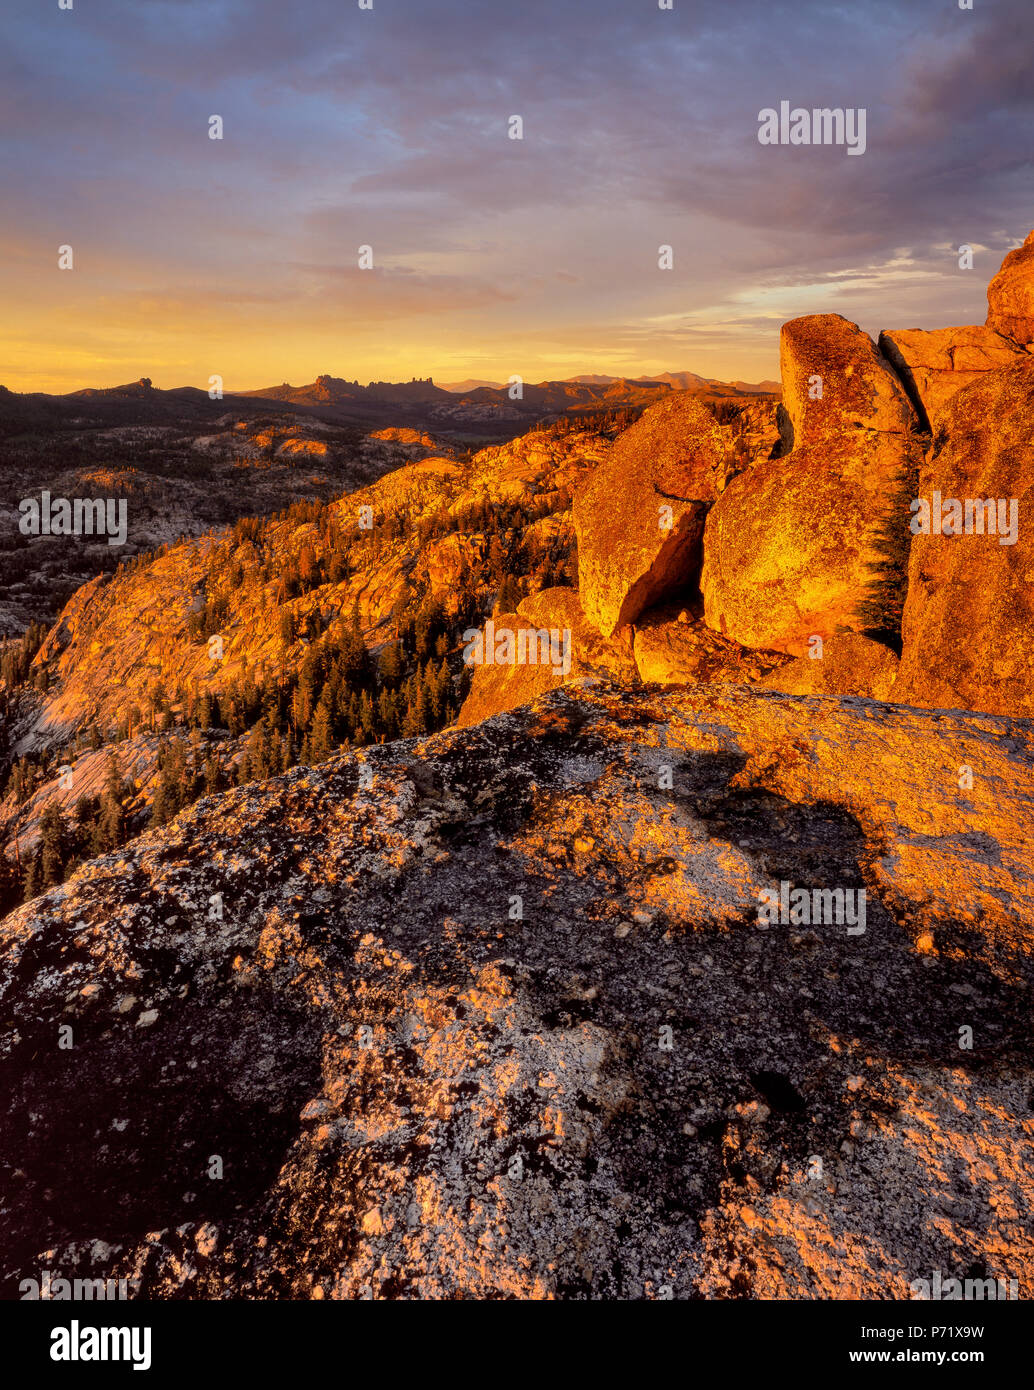 Sunset, Burst formazione di roccia, emigrante deserto, Stanislaus National Forest, Sierra Nevada, in California Immagini Stock